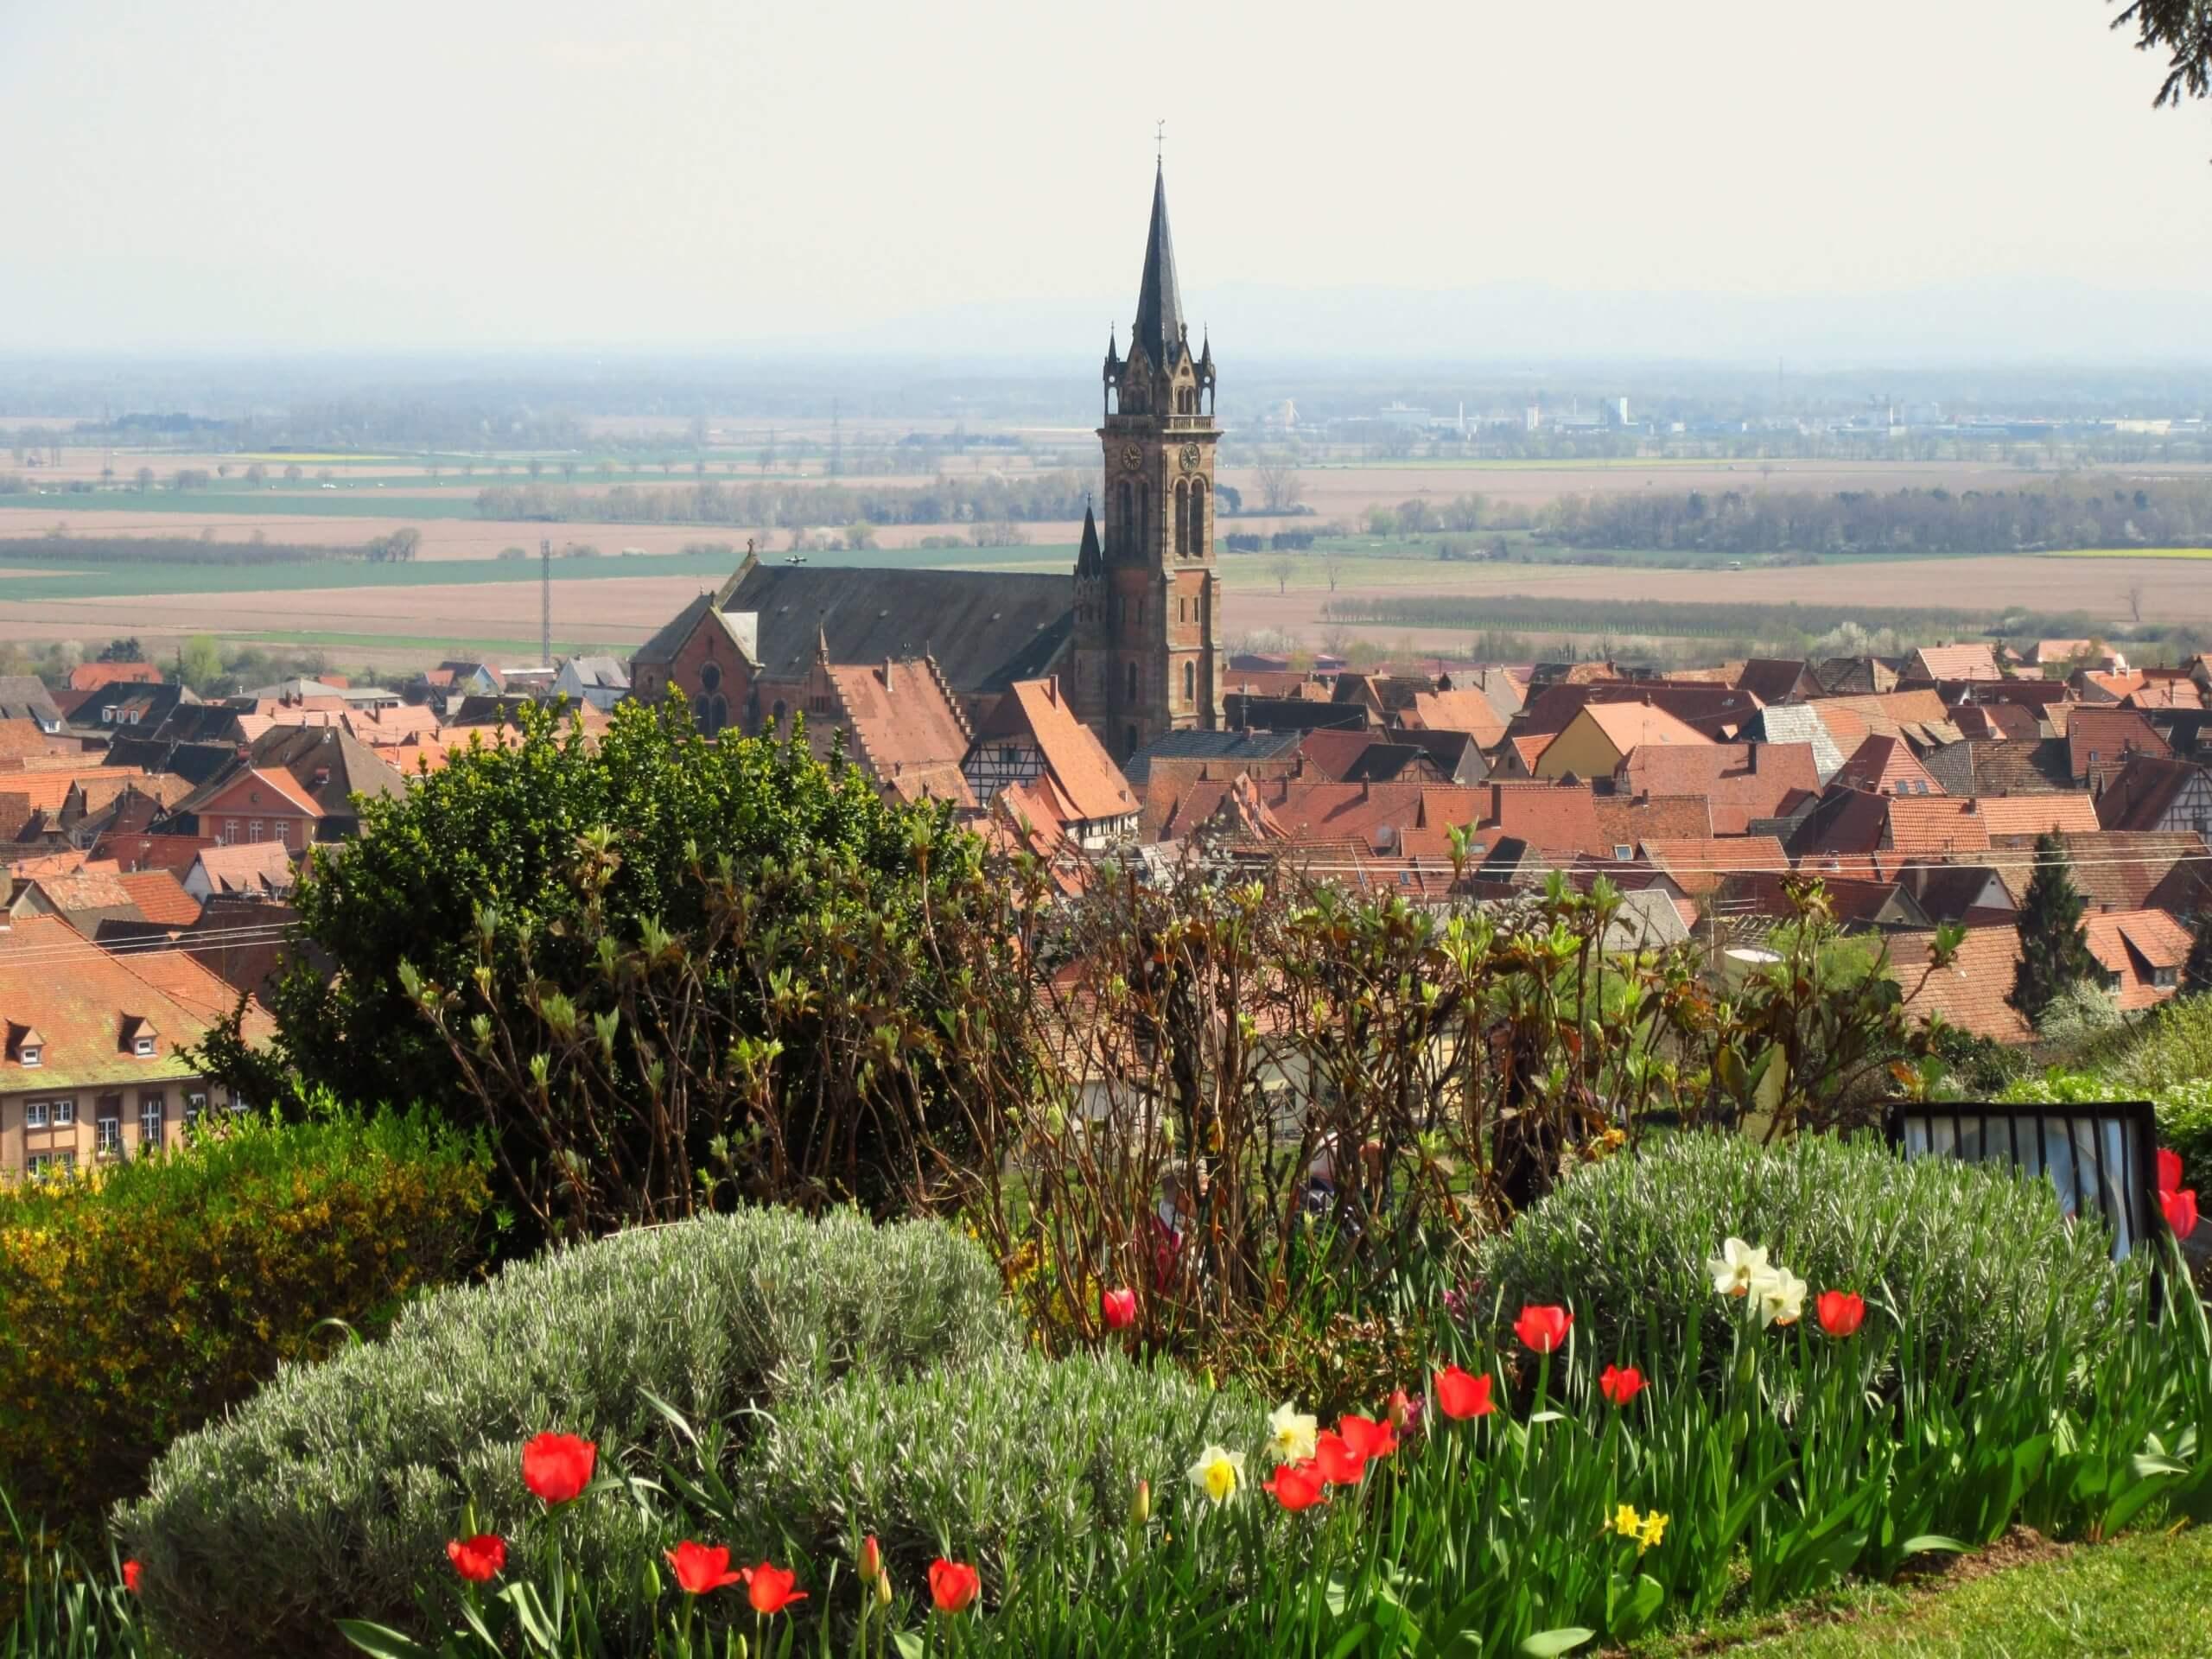 Ideen für das Recruiting in strukturschwachen Regionen (c) LoudWho / pixabay.de